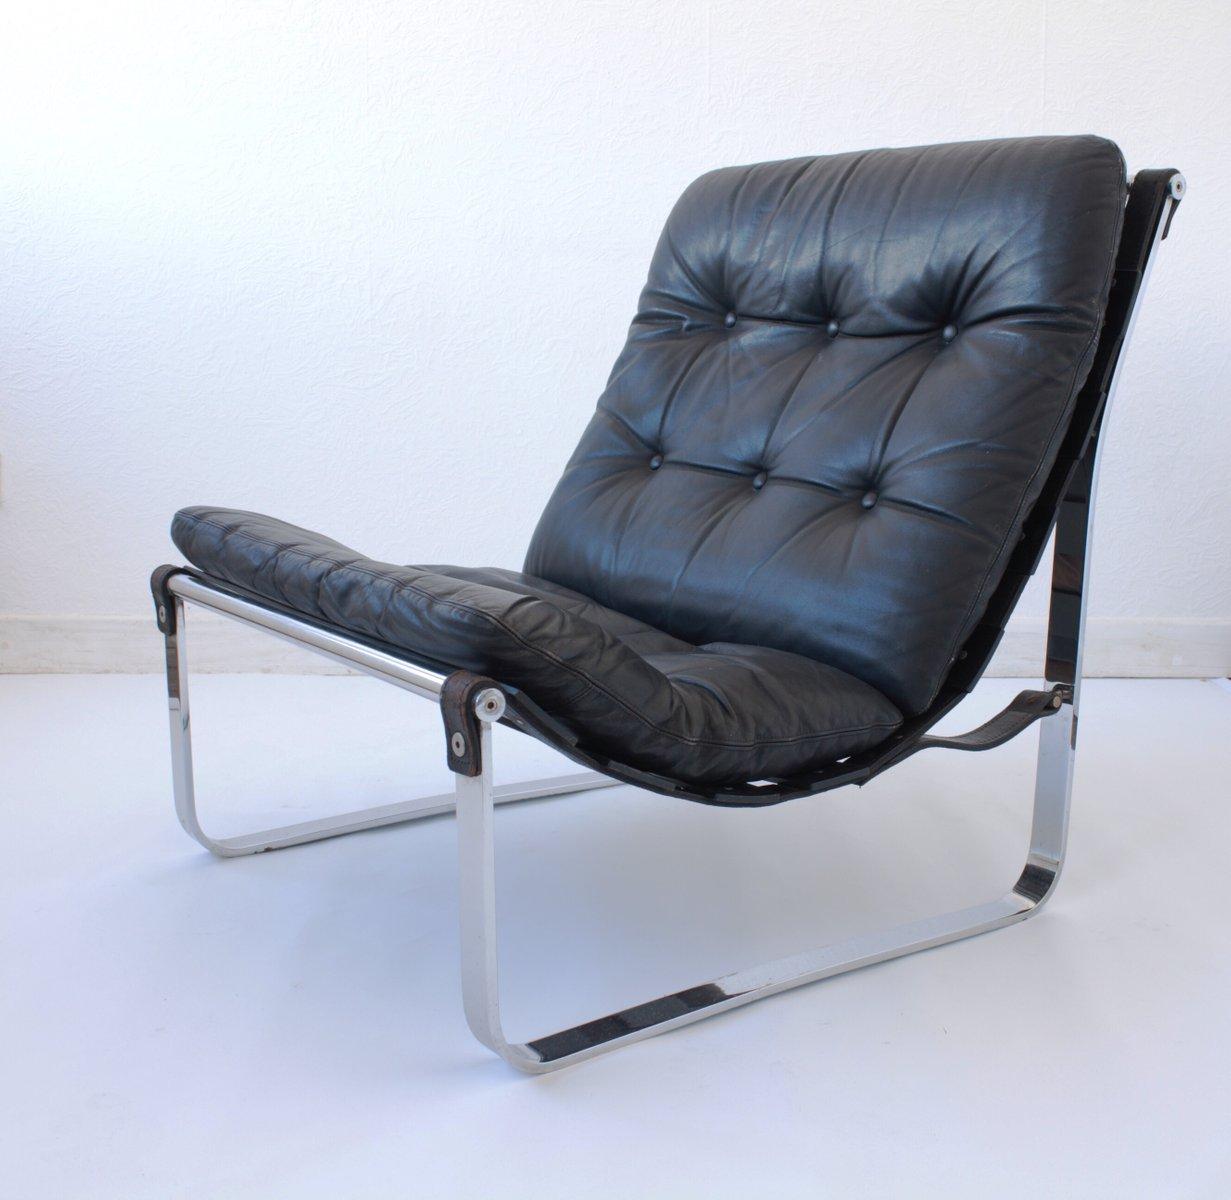 Skandinavischer Sling Chair aus Leder und Chromvon Westnofa, 1970er